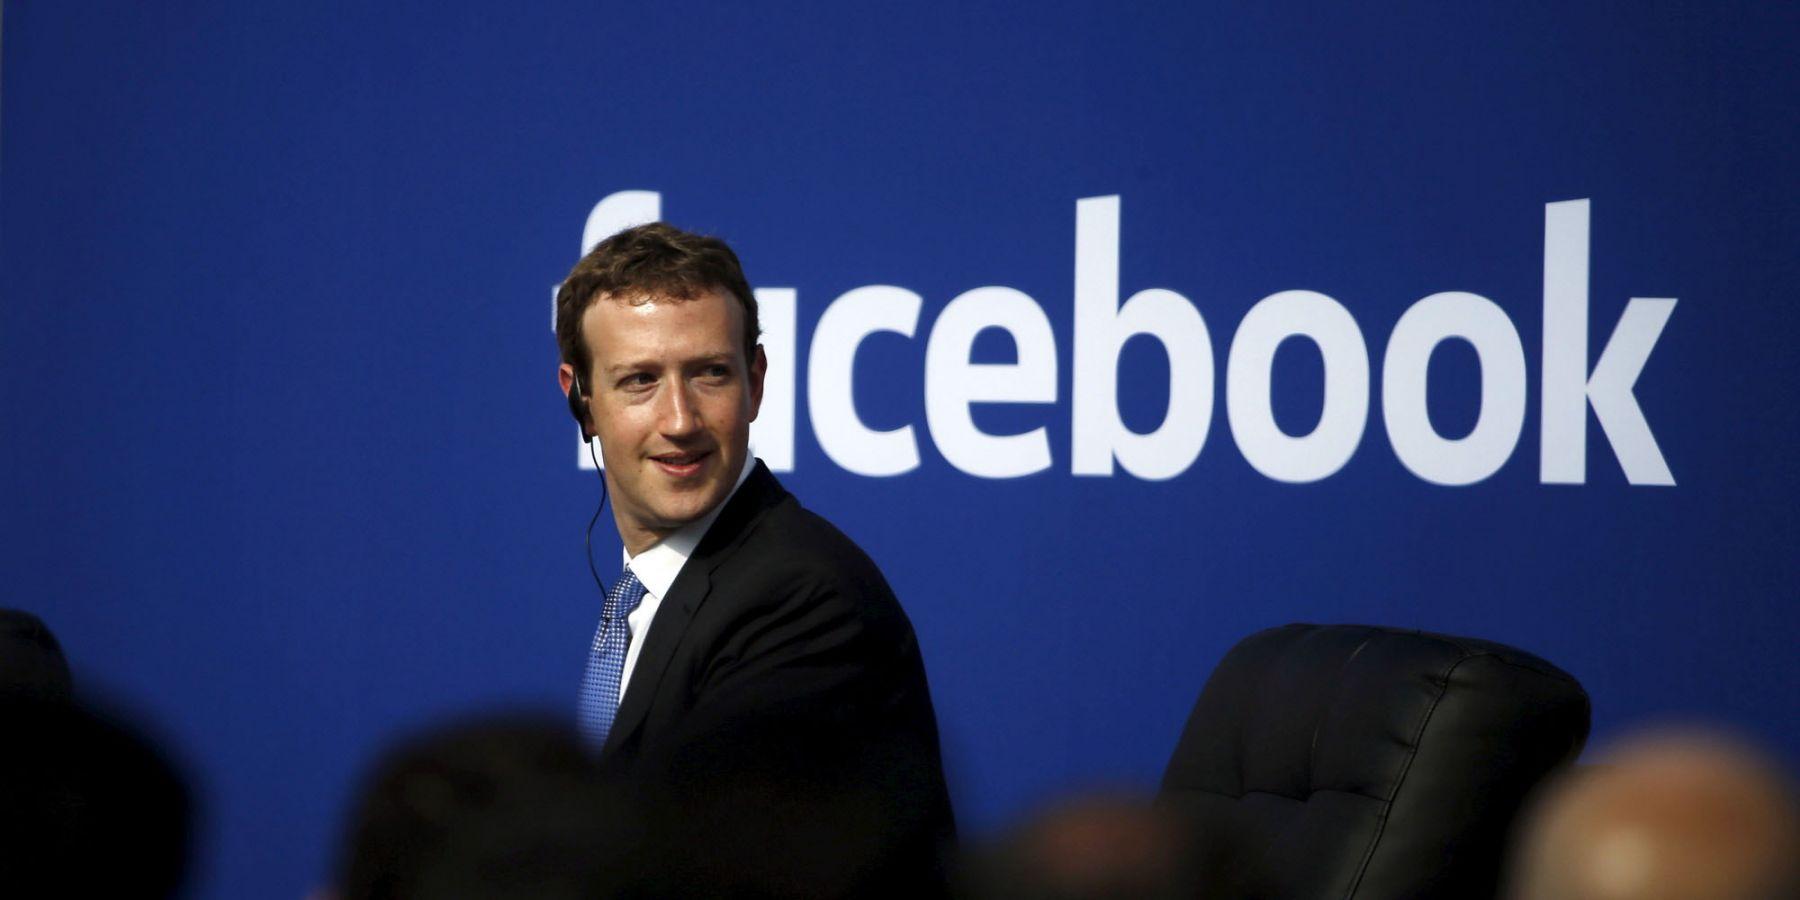 ¿Facebook podría cerrar?